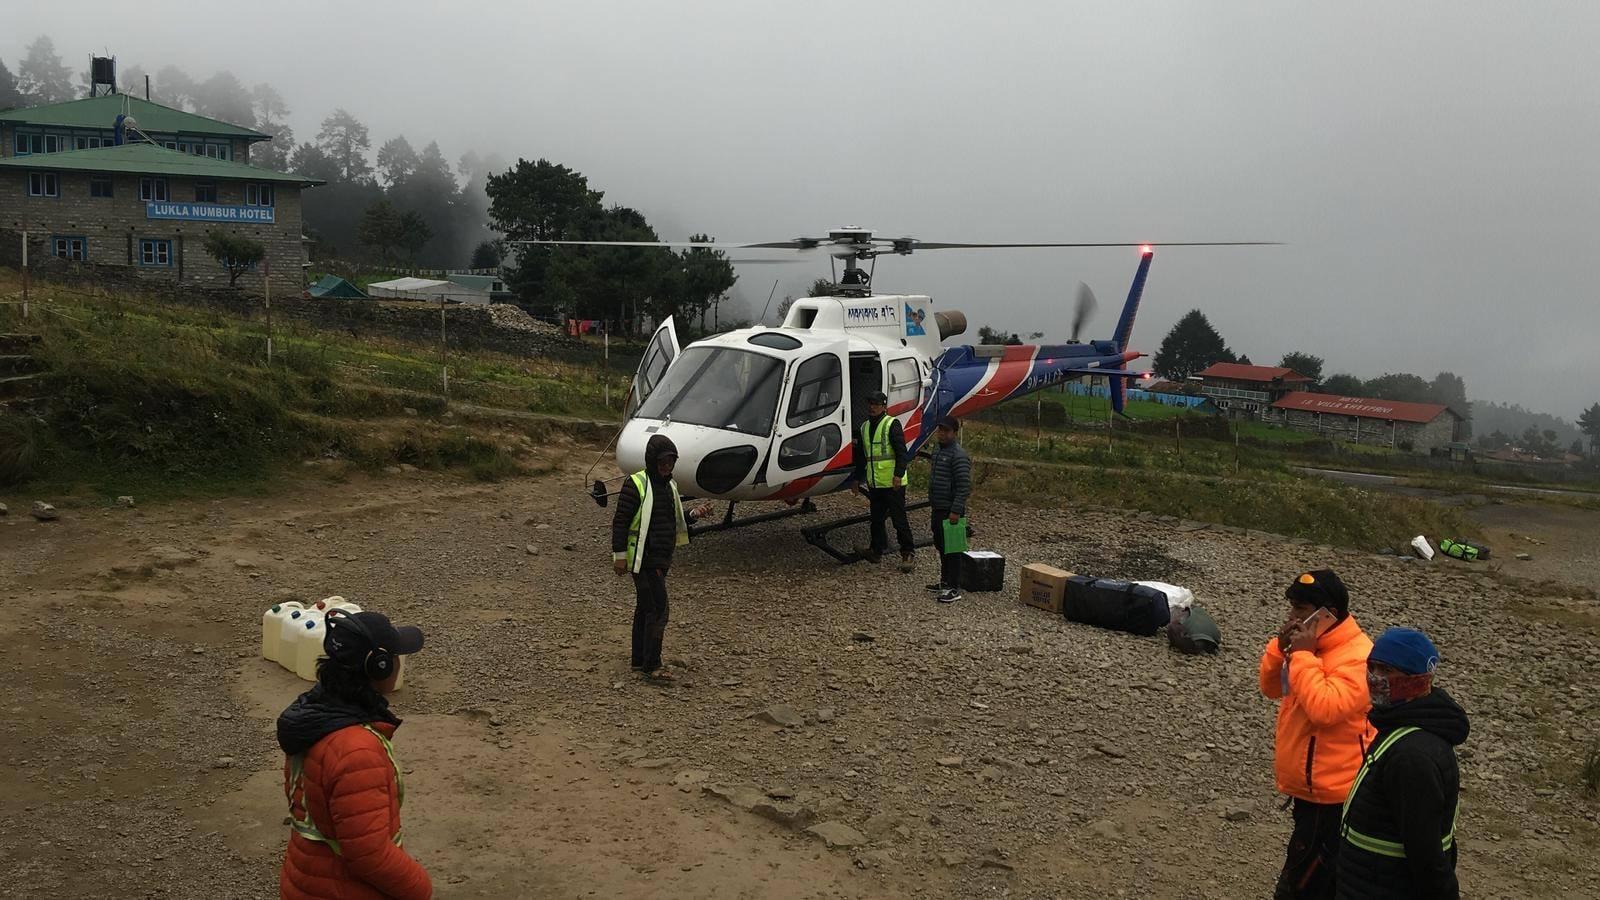 חילוץ כפול בנפאל (צילום: Magnus)